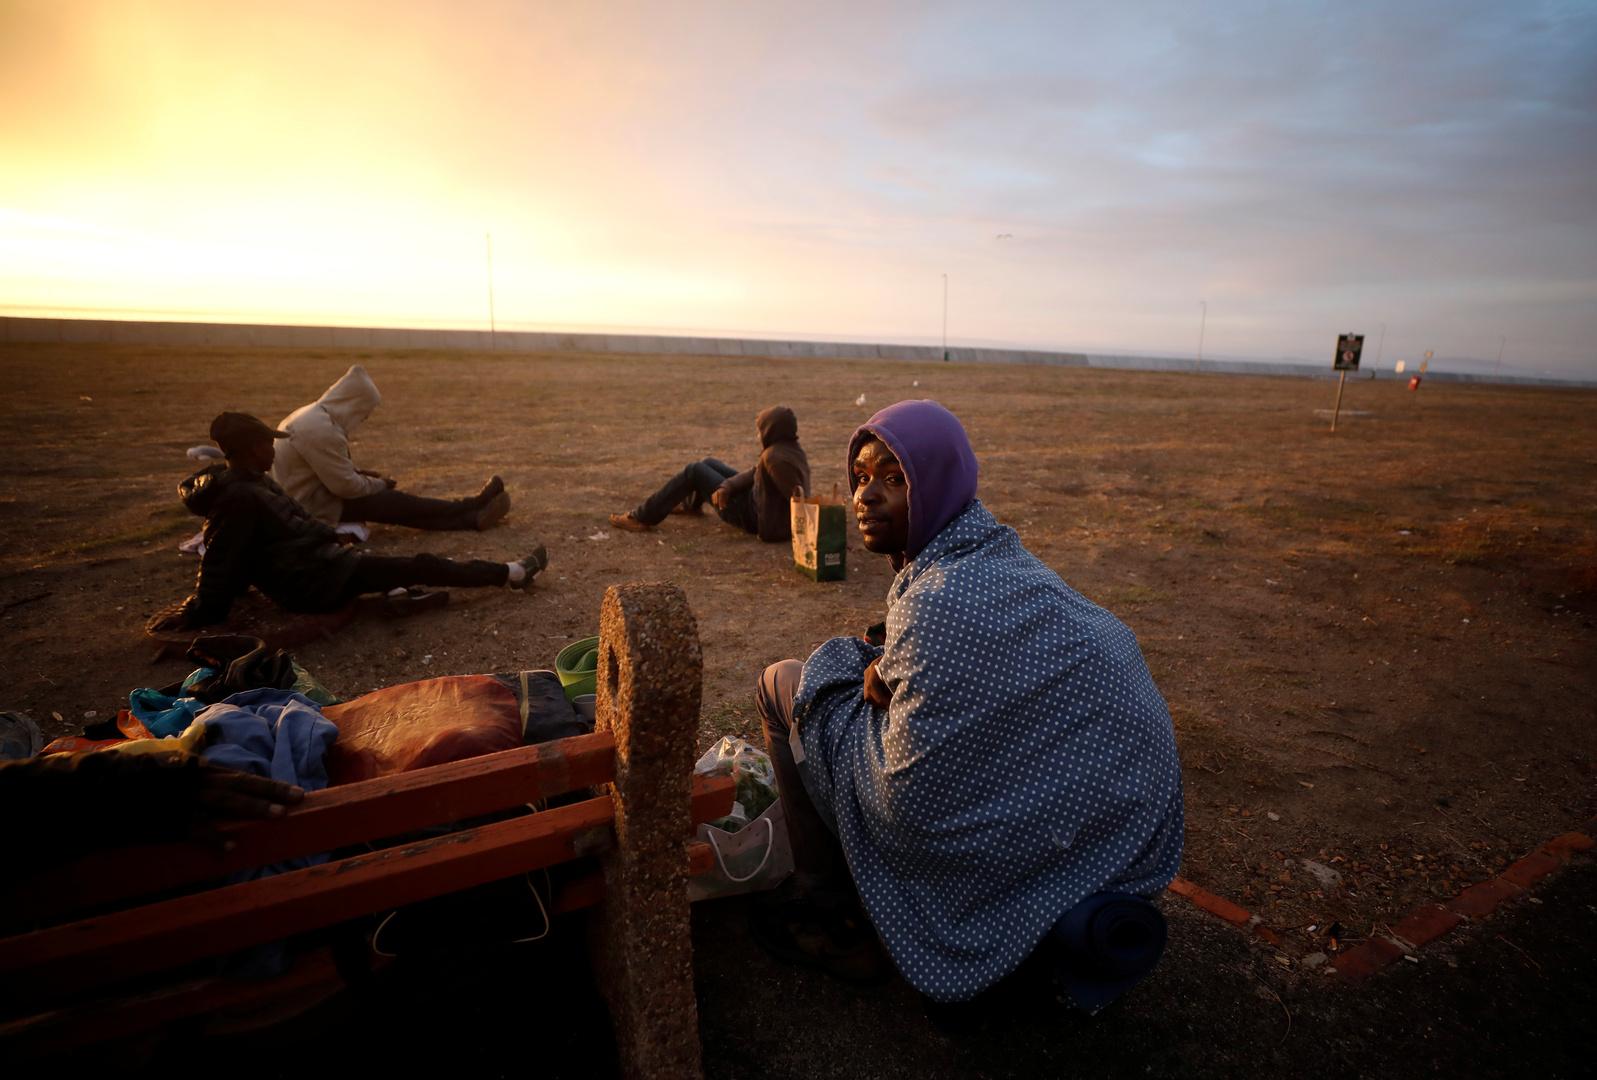 مشردون في مدينة كيب تاون - جمهورية جنوب إفريقيا